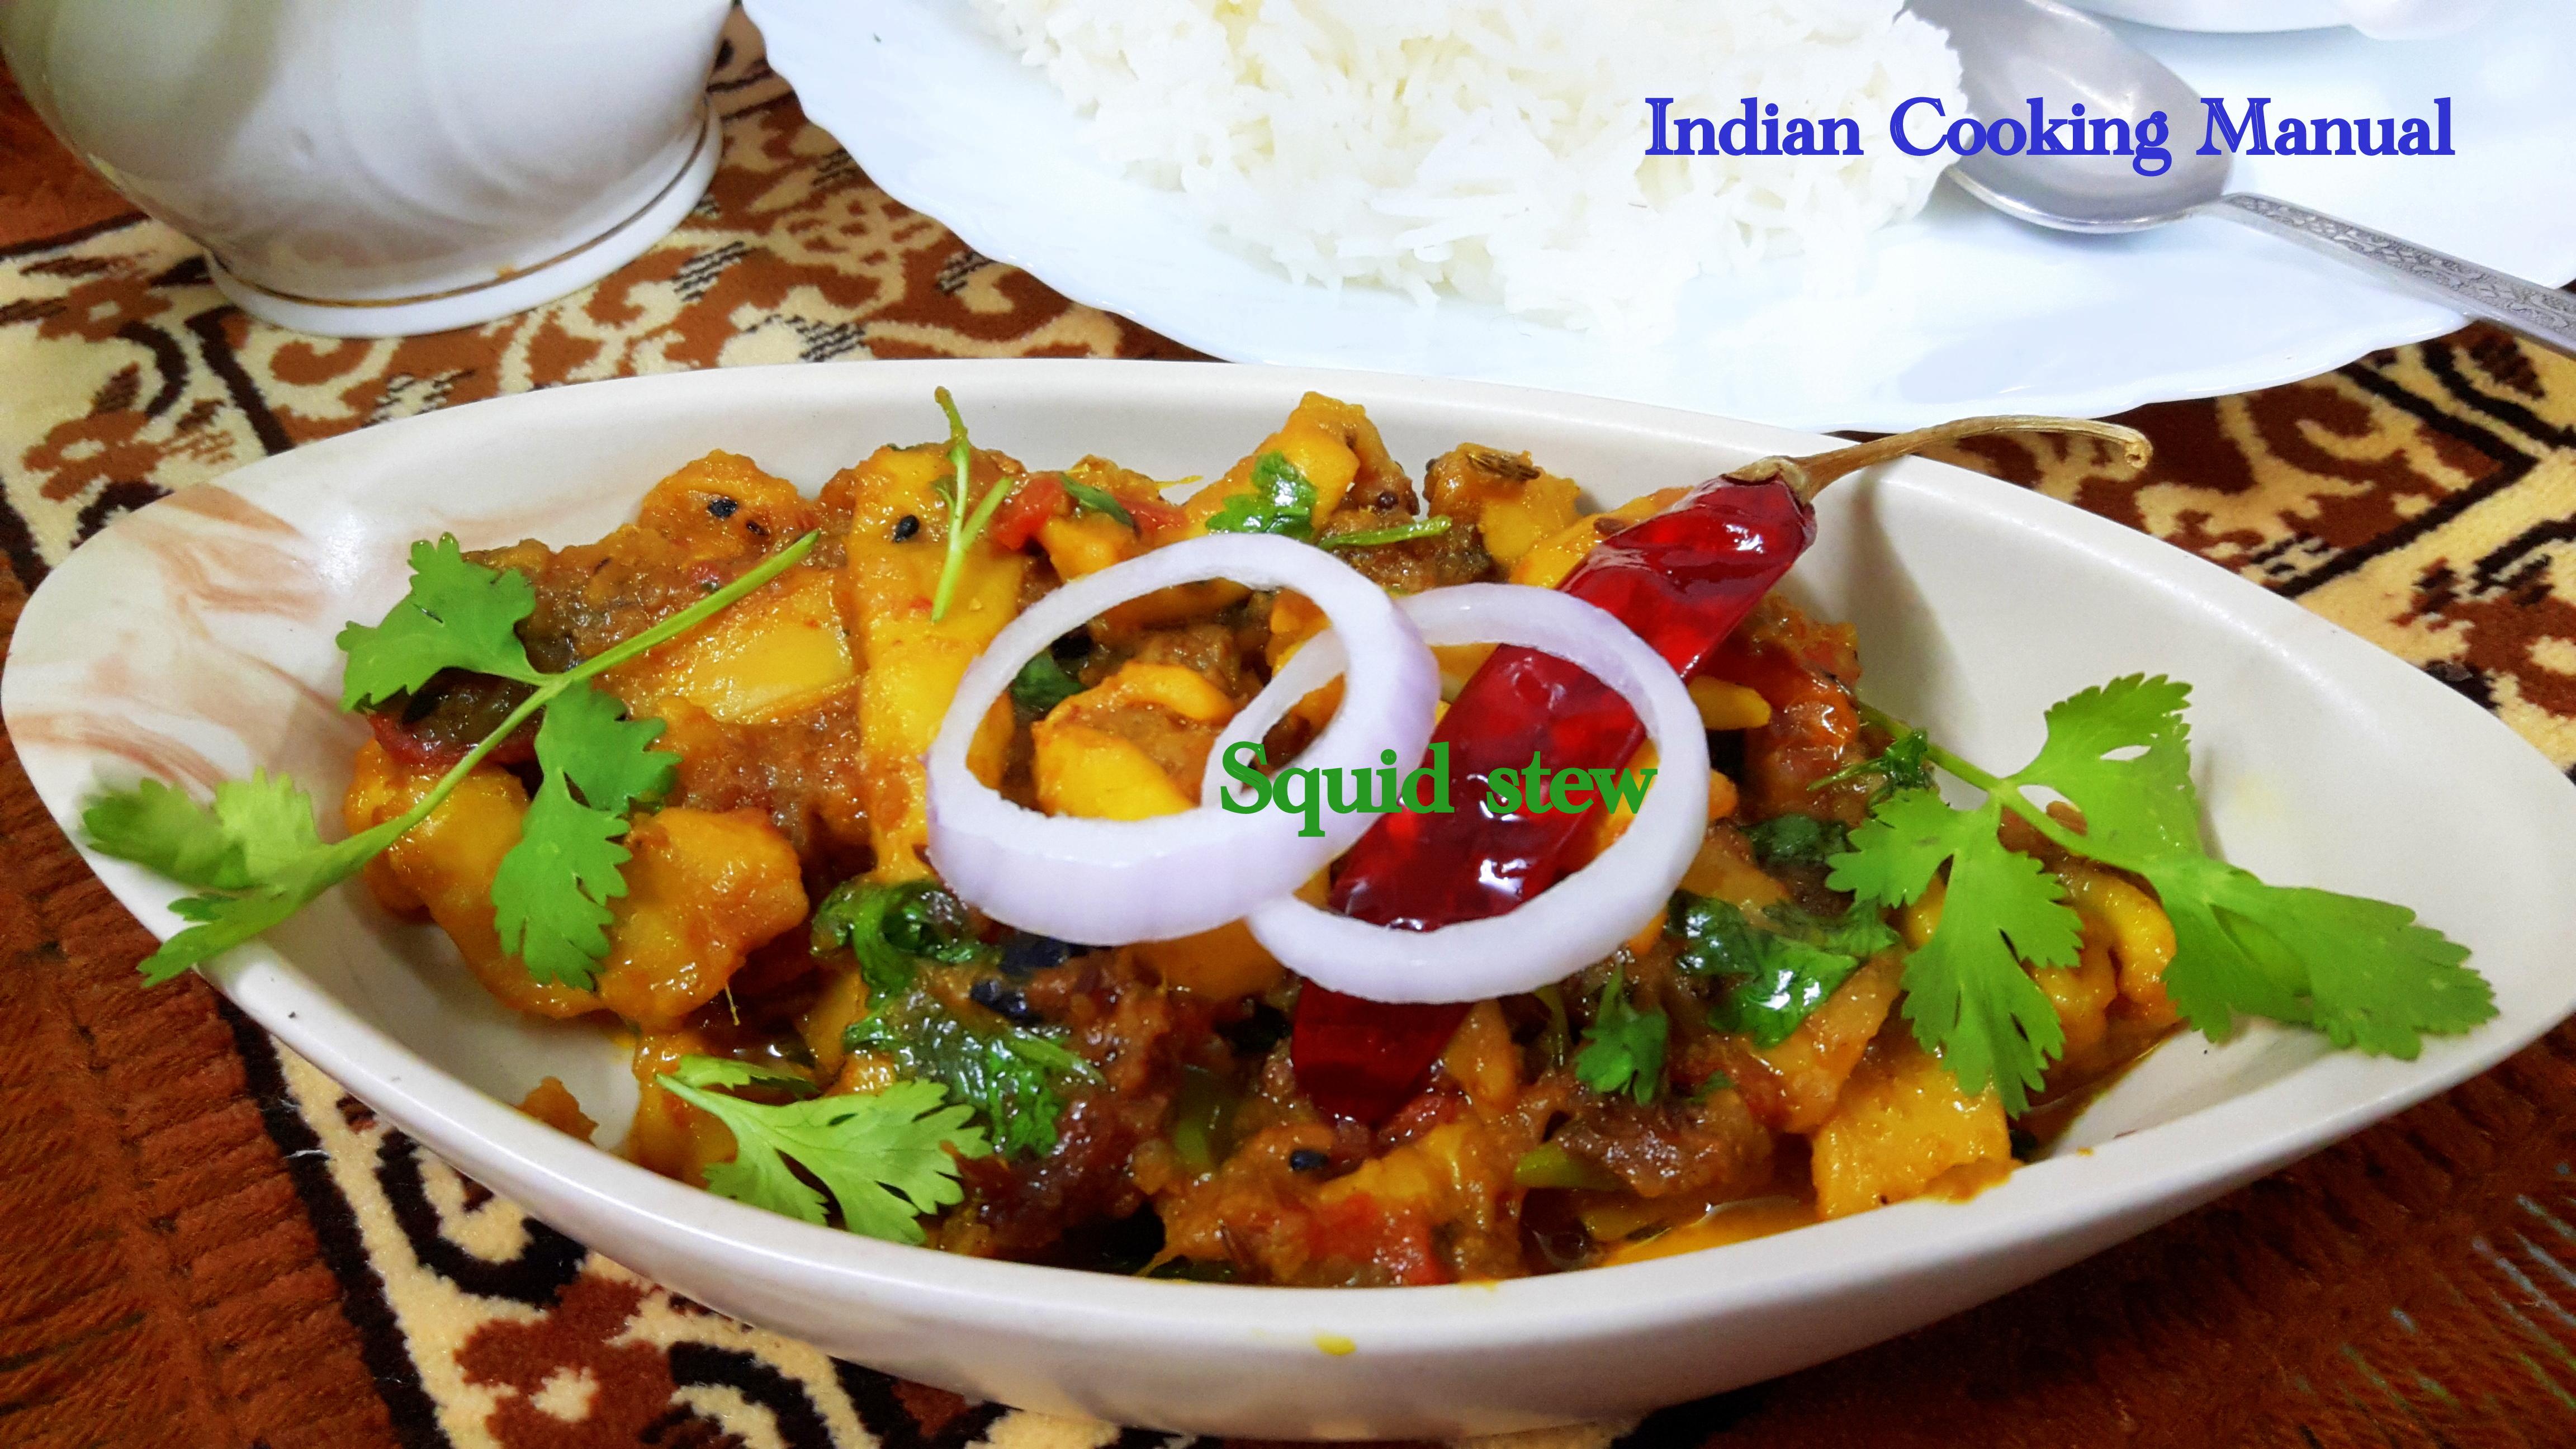 Squid (kanava fish) stew